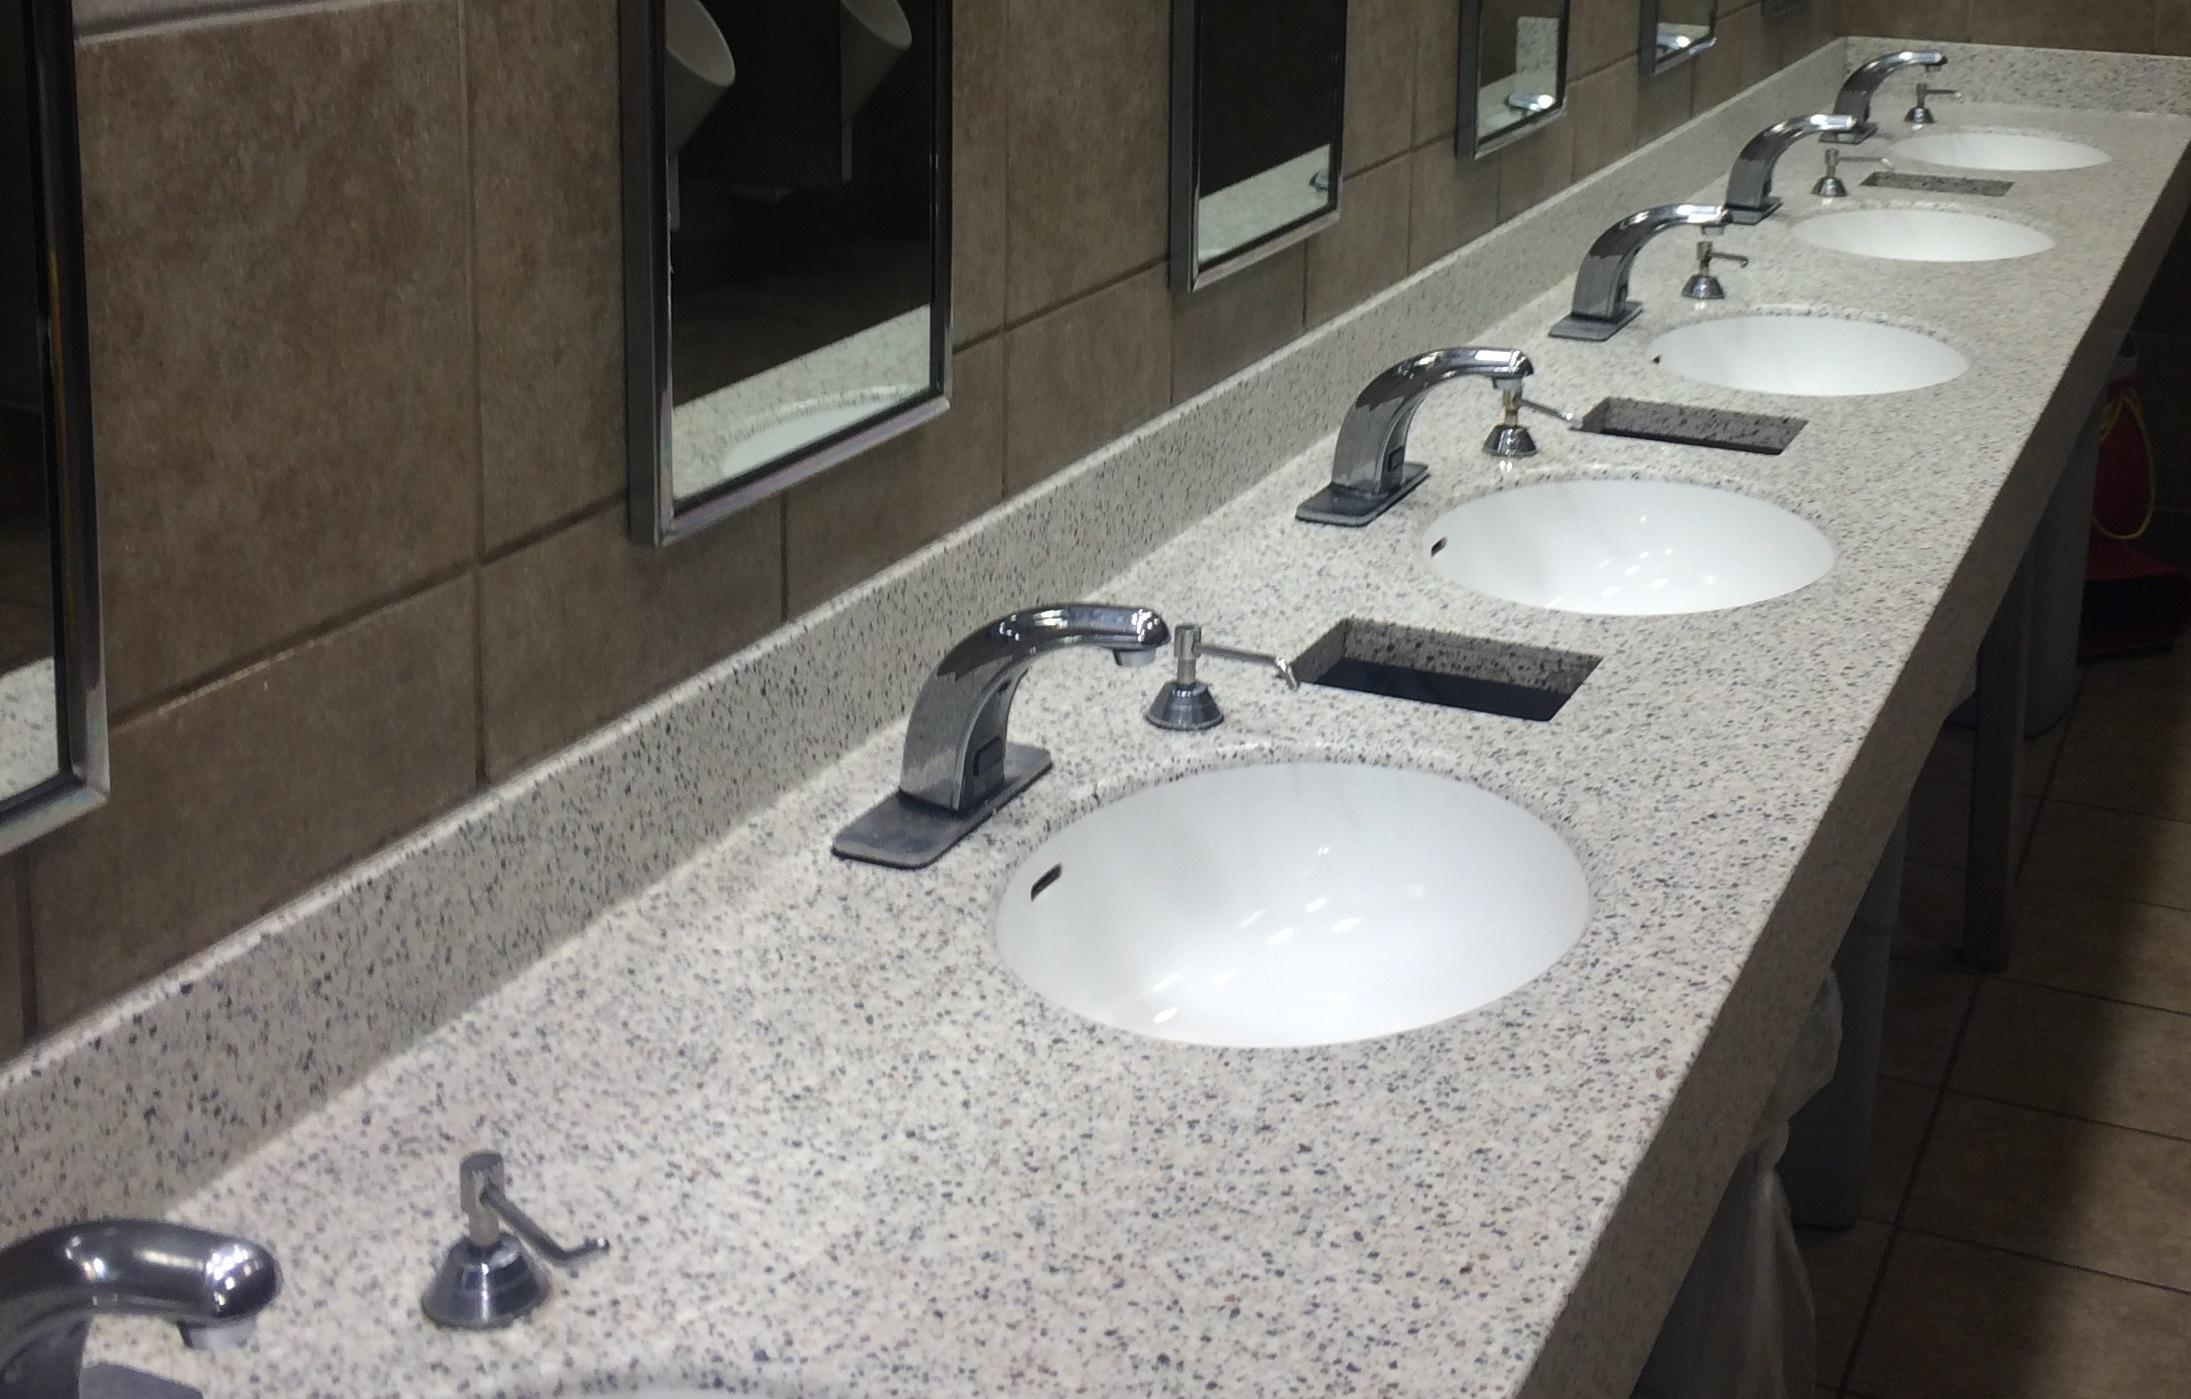 Bathroom Faucet Touchless commercial sensor faucet   commercial sensor faucets